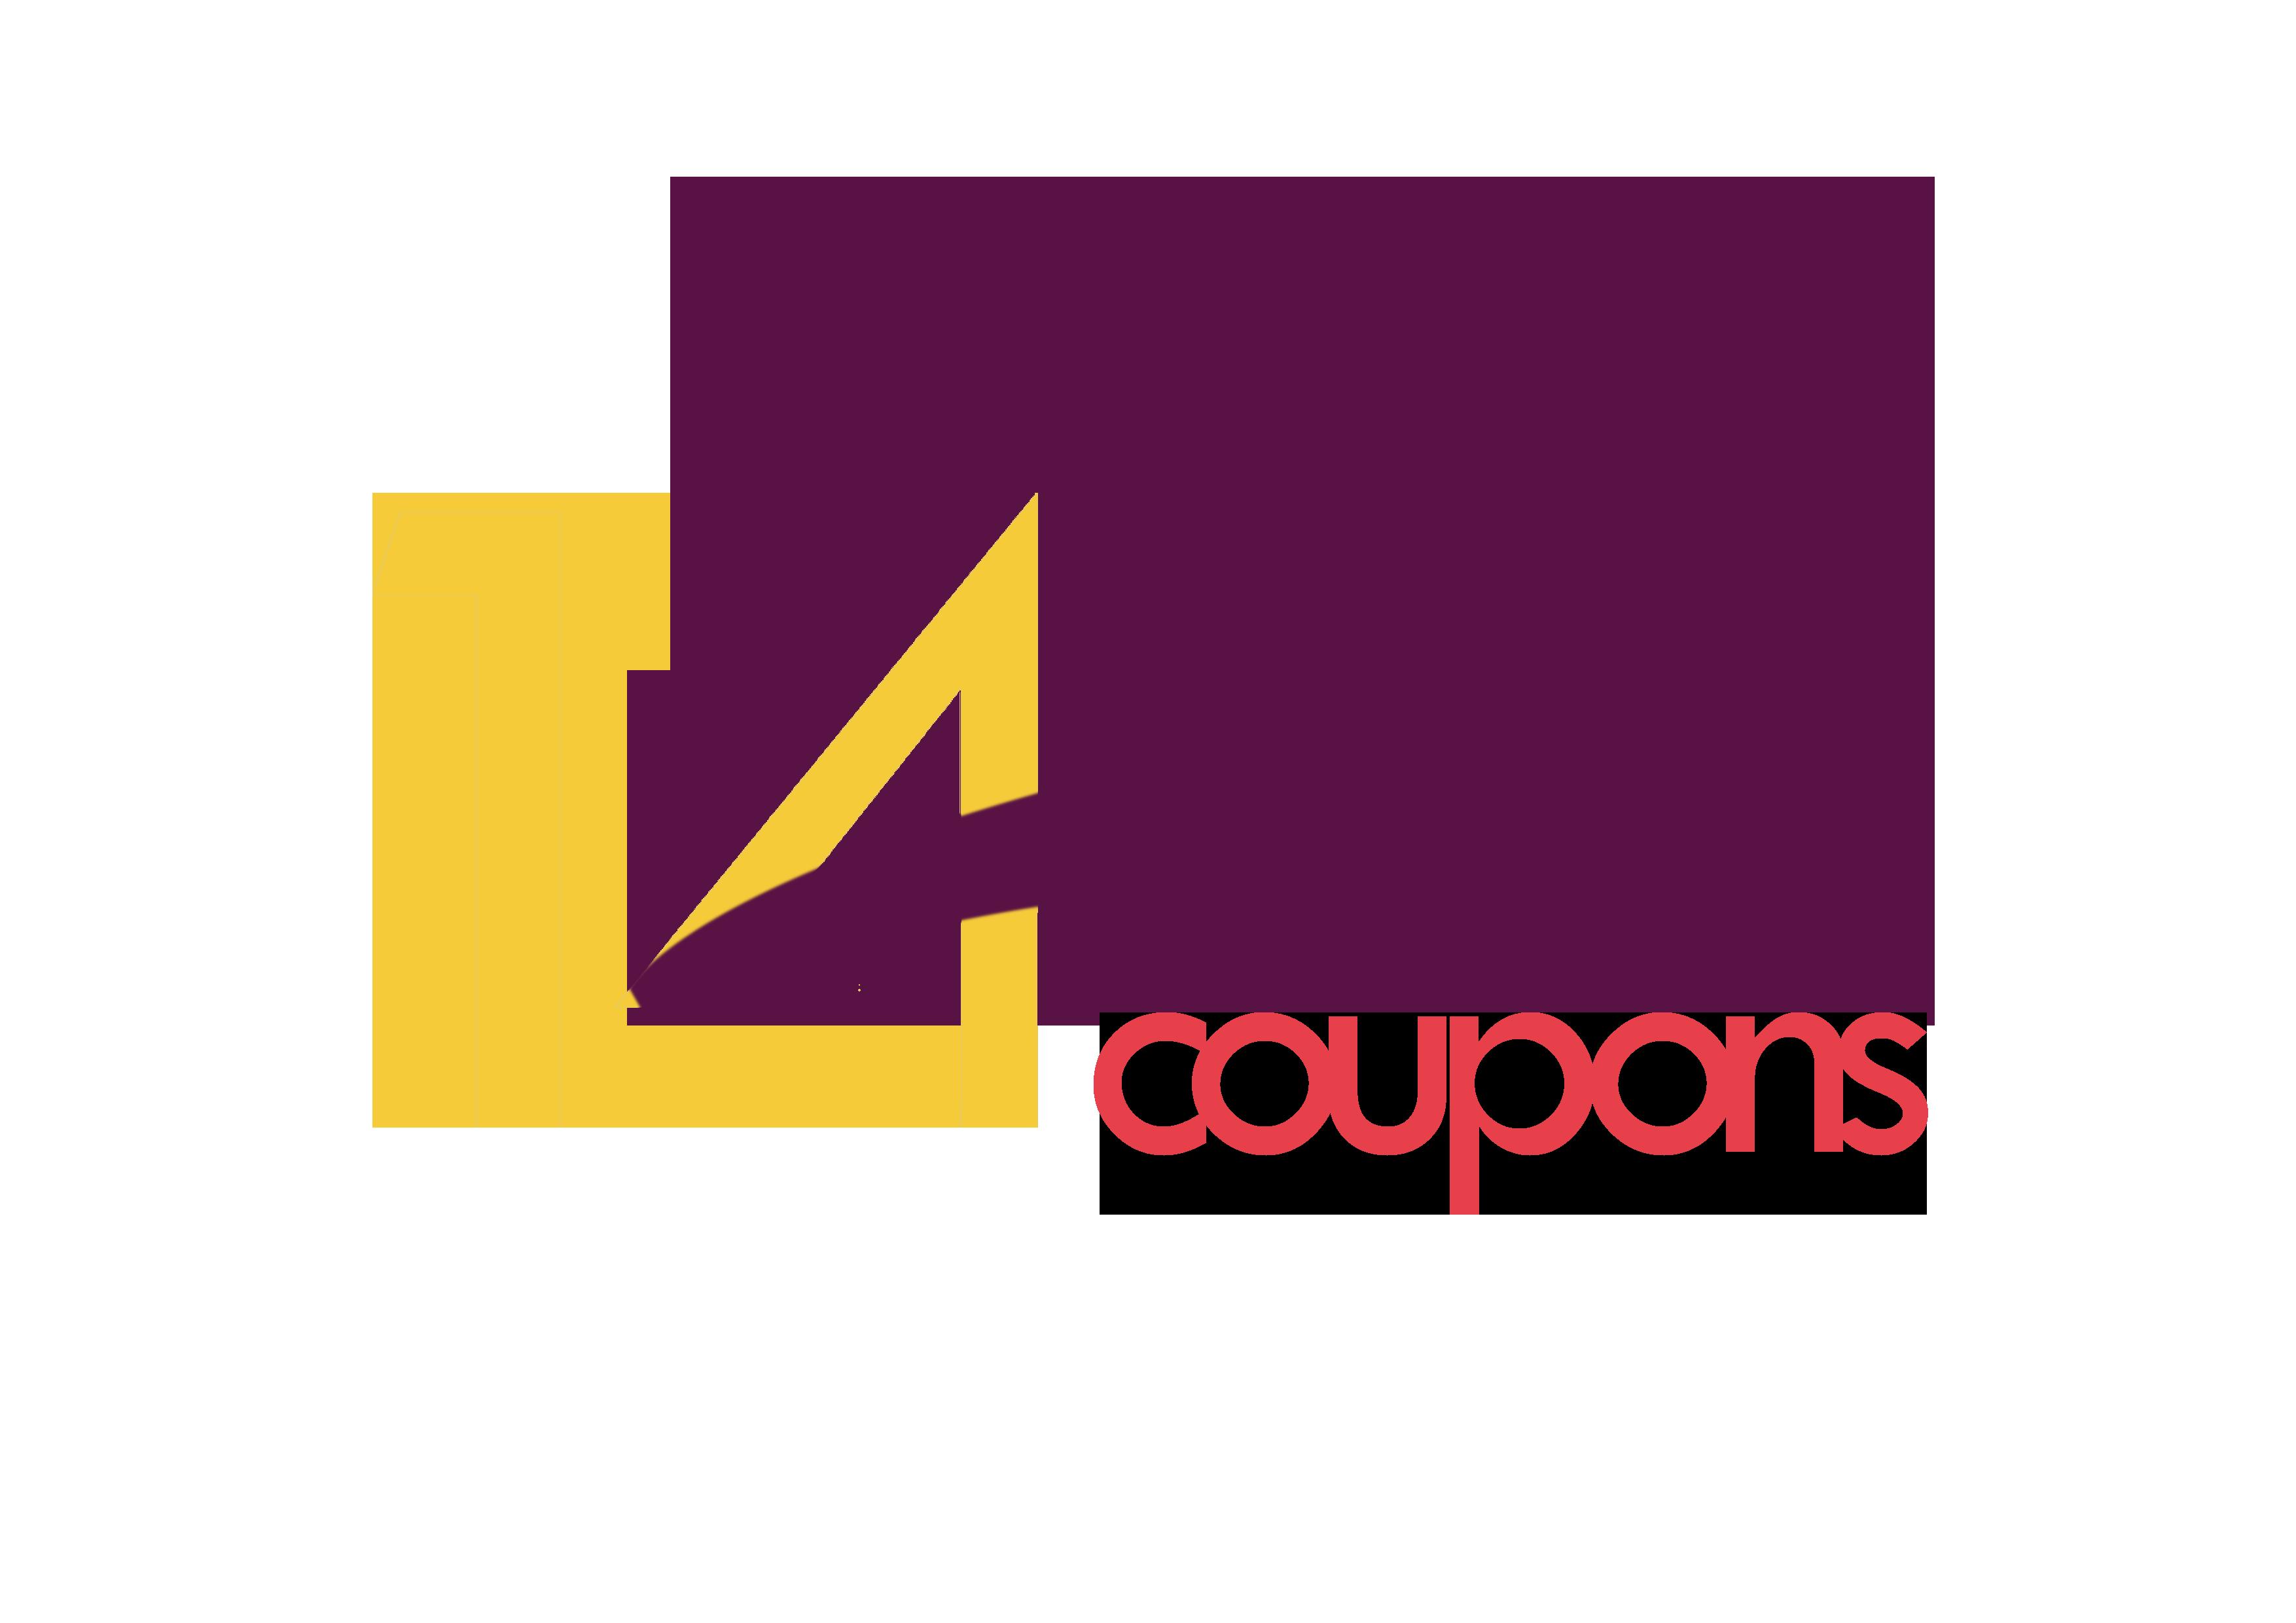 14Coupons.com